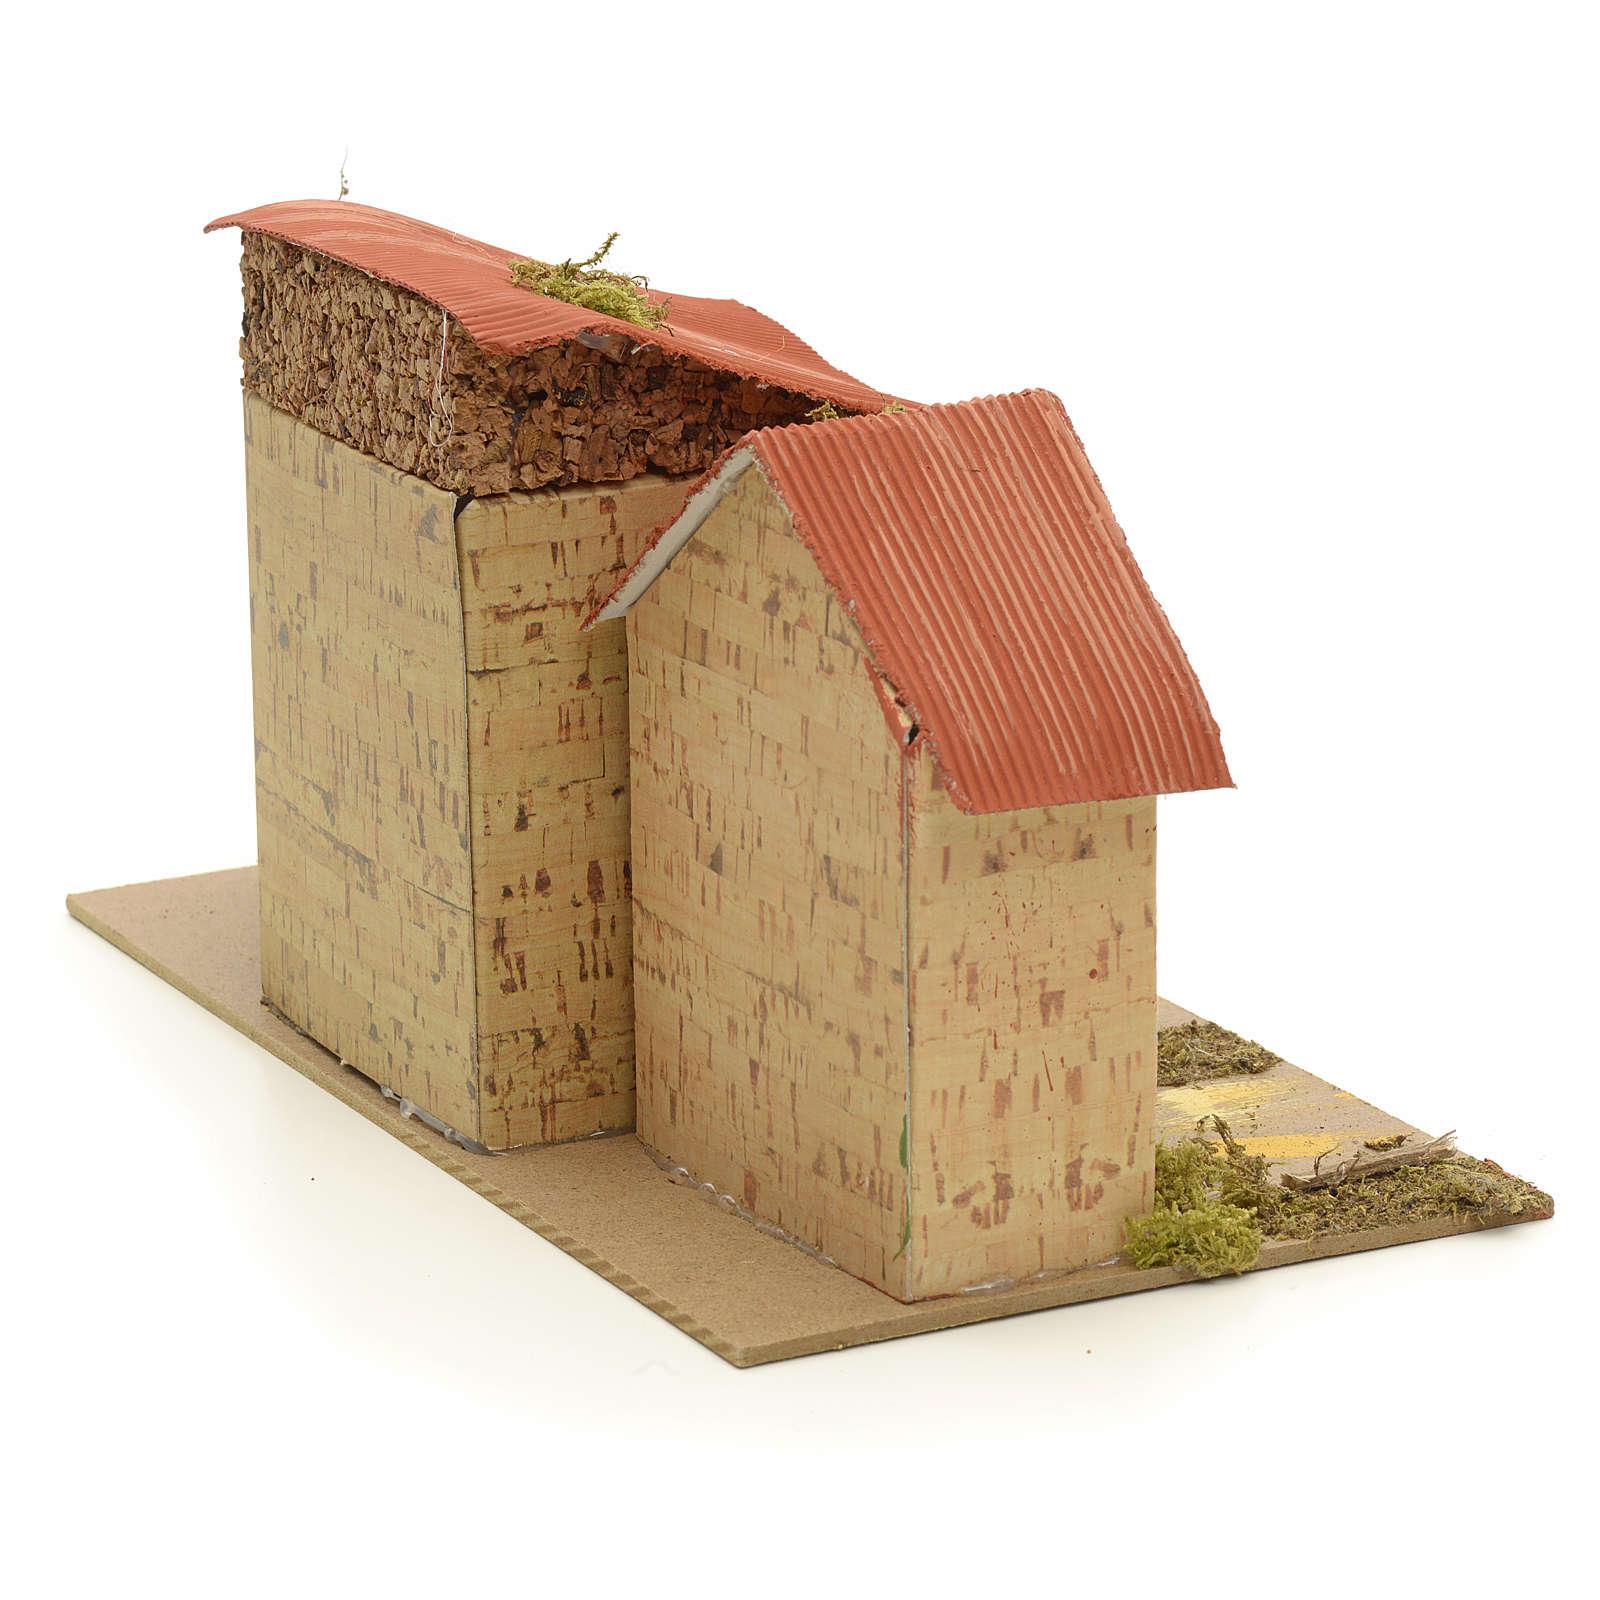 Casa ambientación pesebre 16x28x16 cm 4